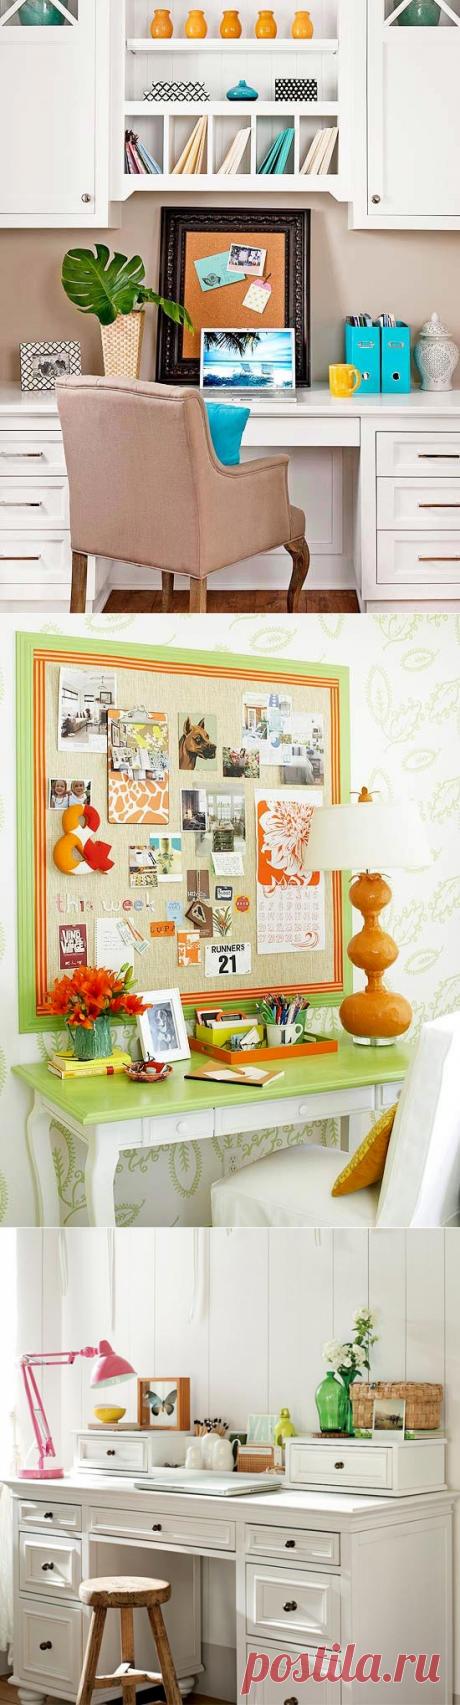 Женский домашний офис: 17 ярких идей оформления